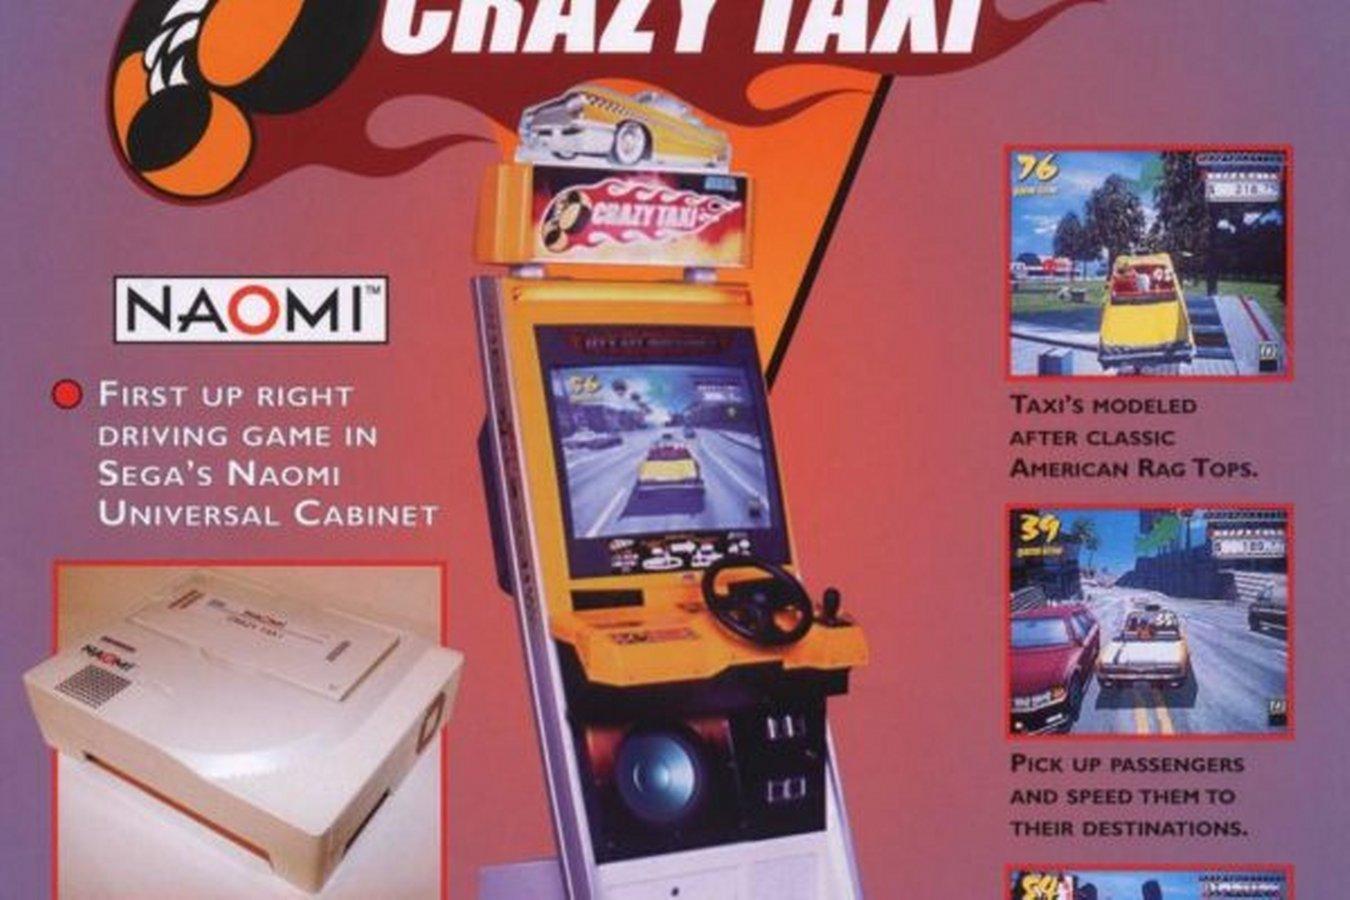 Crazy Taxi Arcade Flyer